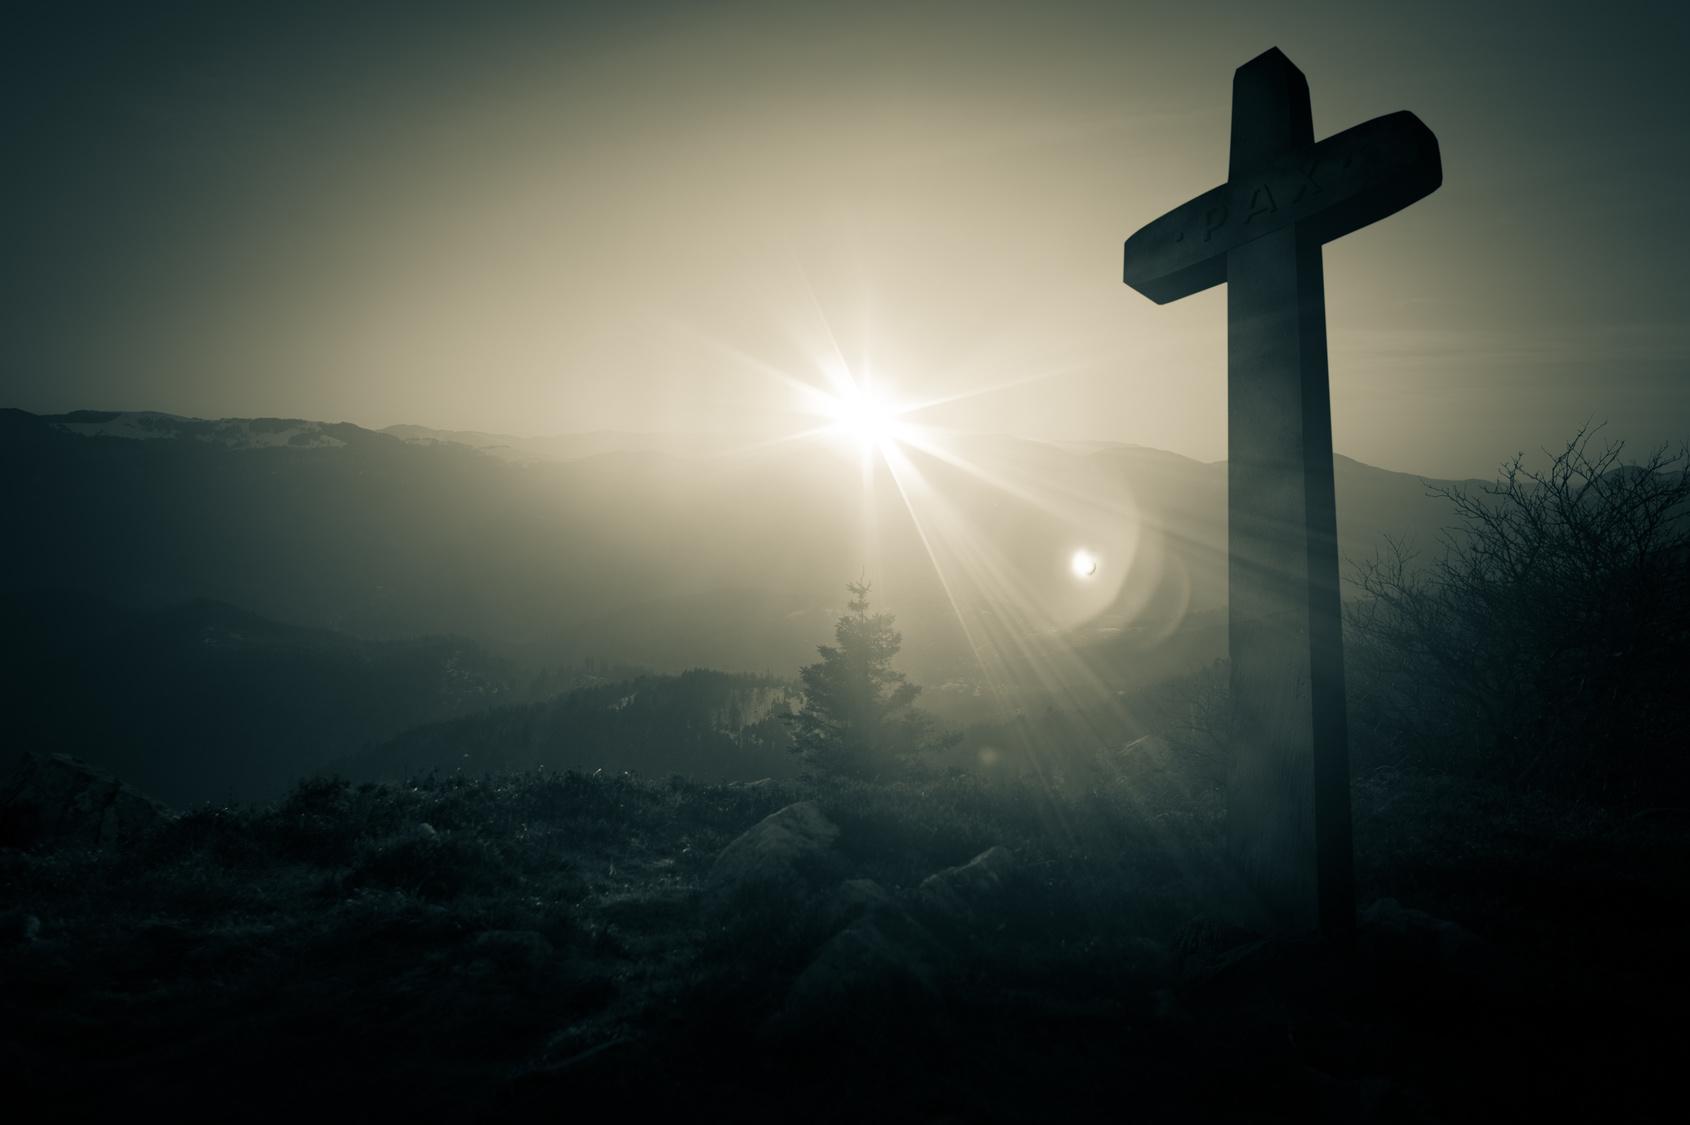 Österreichischer Bergsteiger nahe Mount Everest tot gefunden